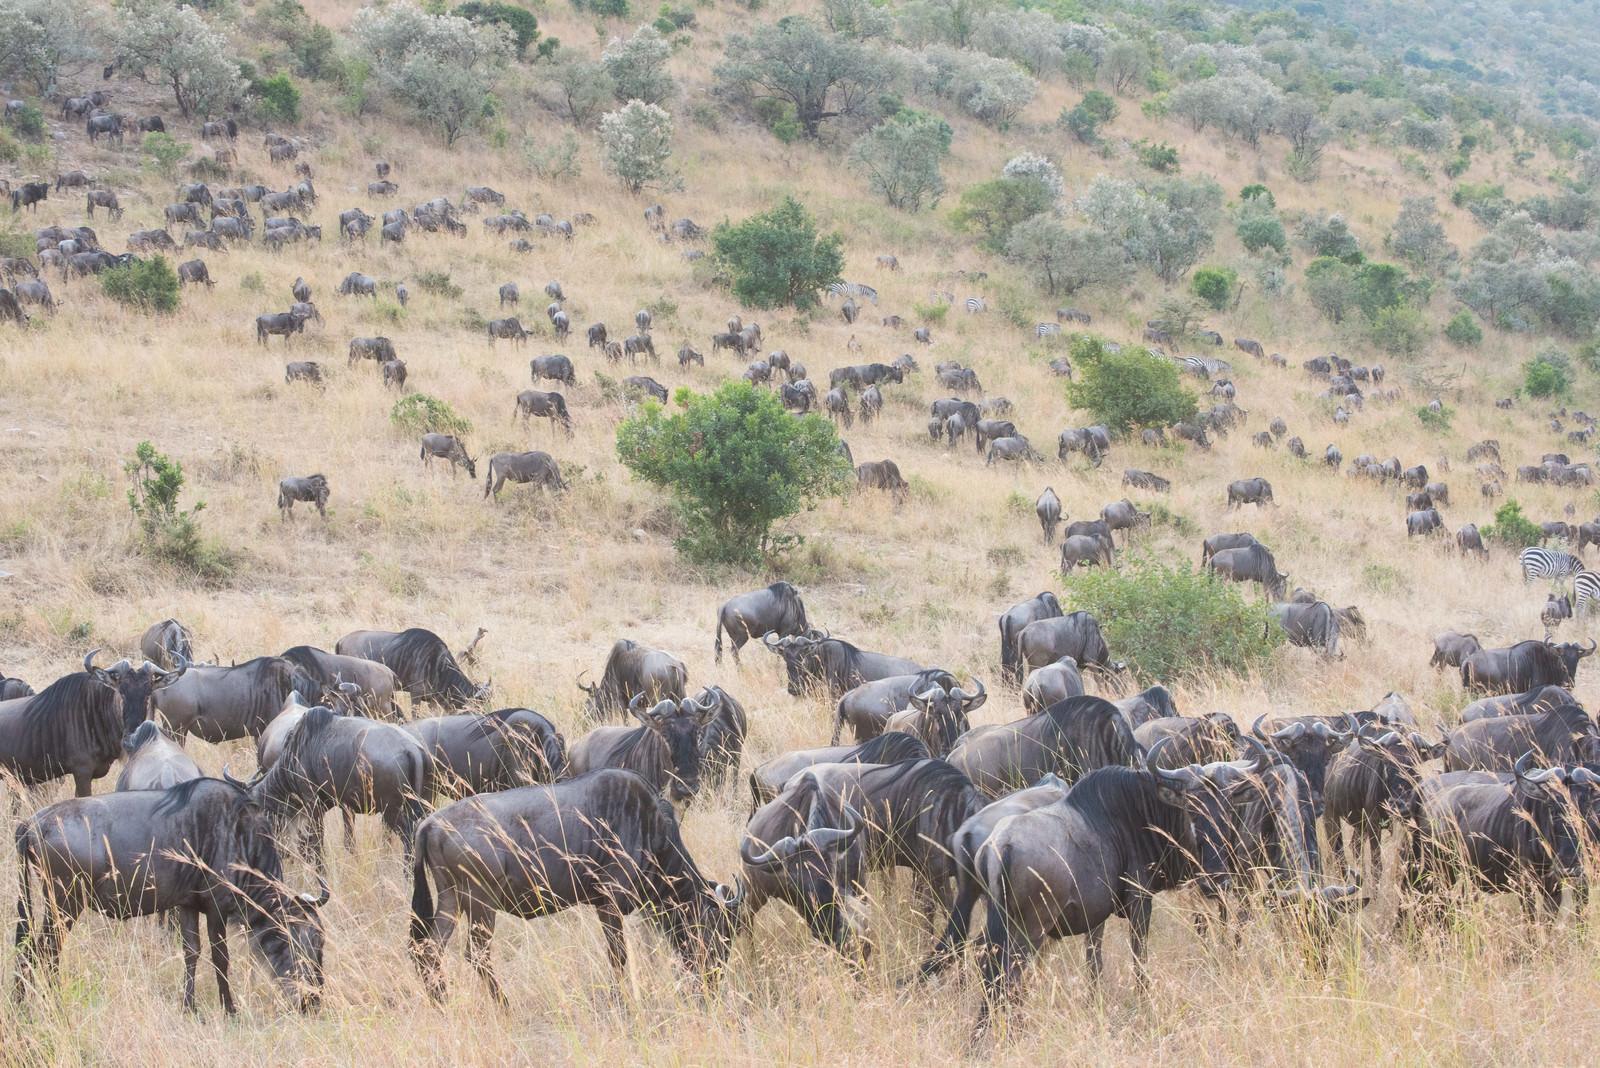 「ヌーの群れが大移動」の写真